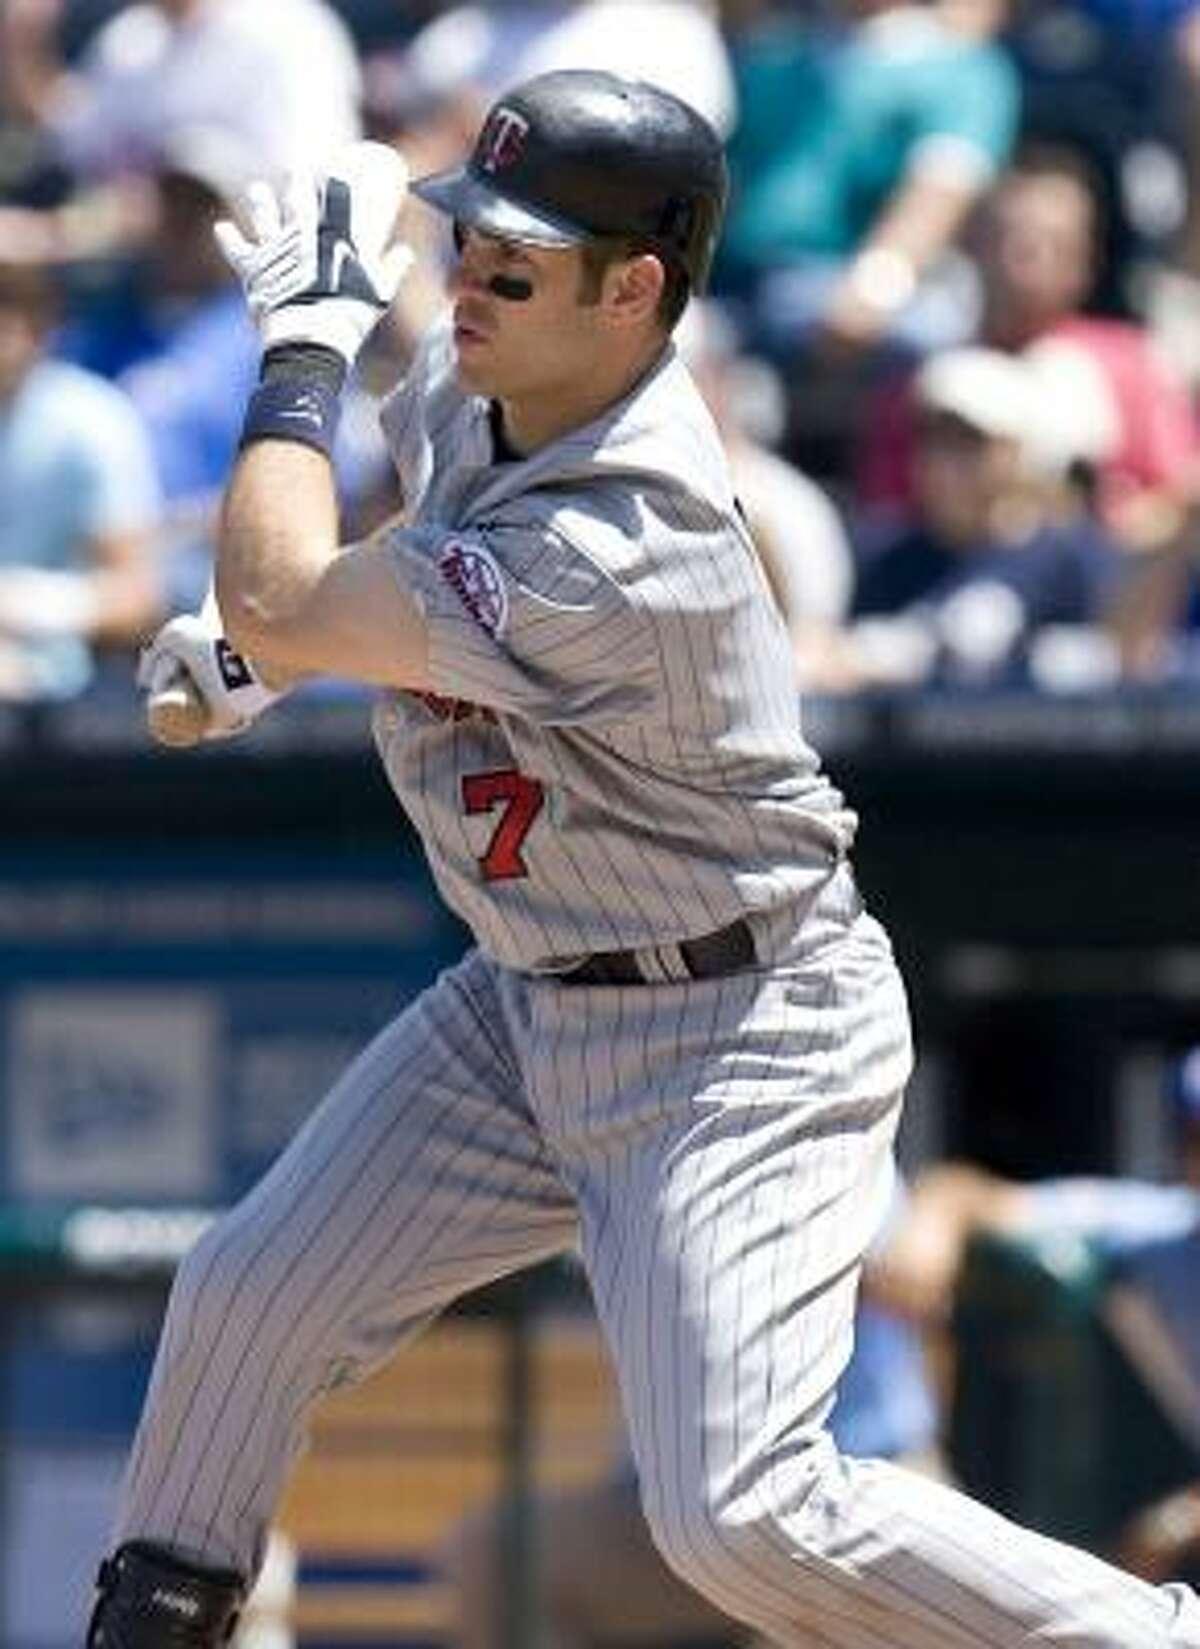 Joe Mauer Position: Catcher Team: Minnesota Twins